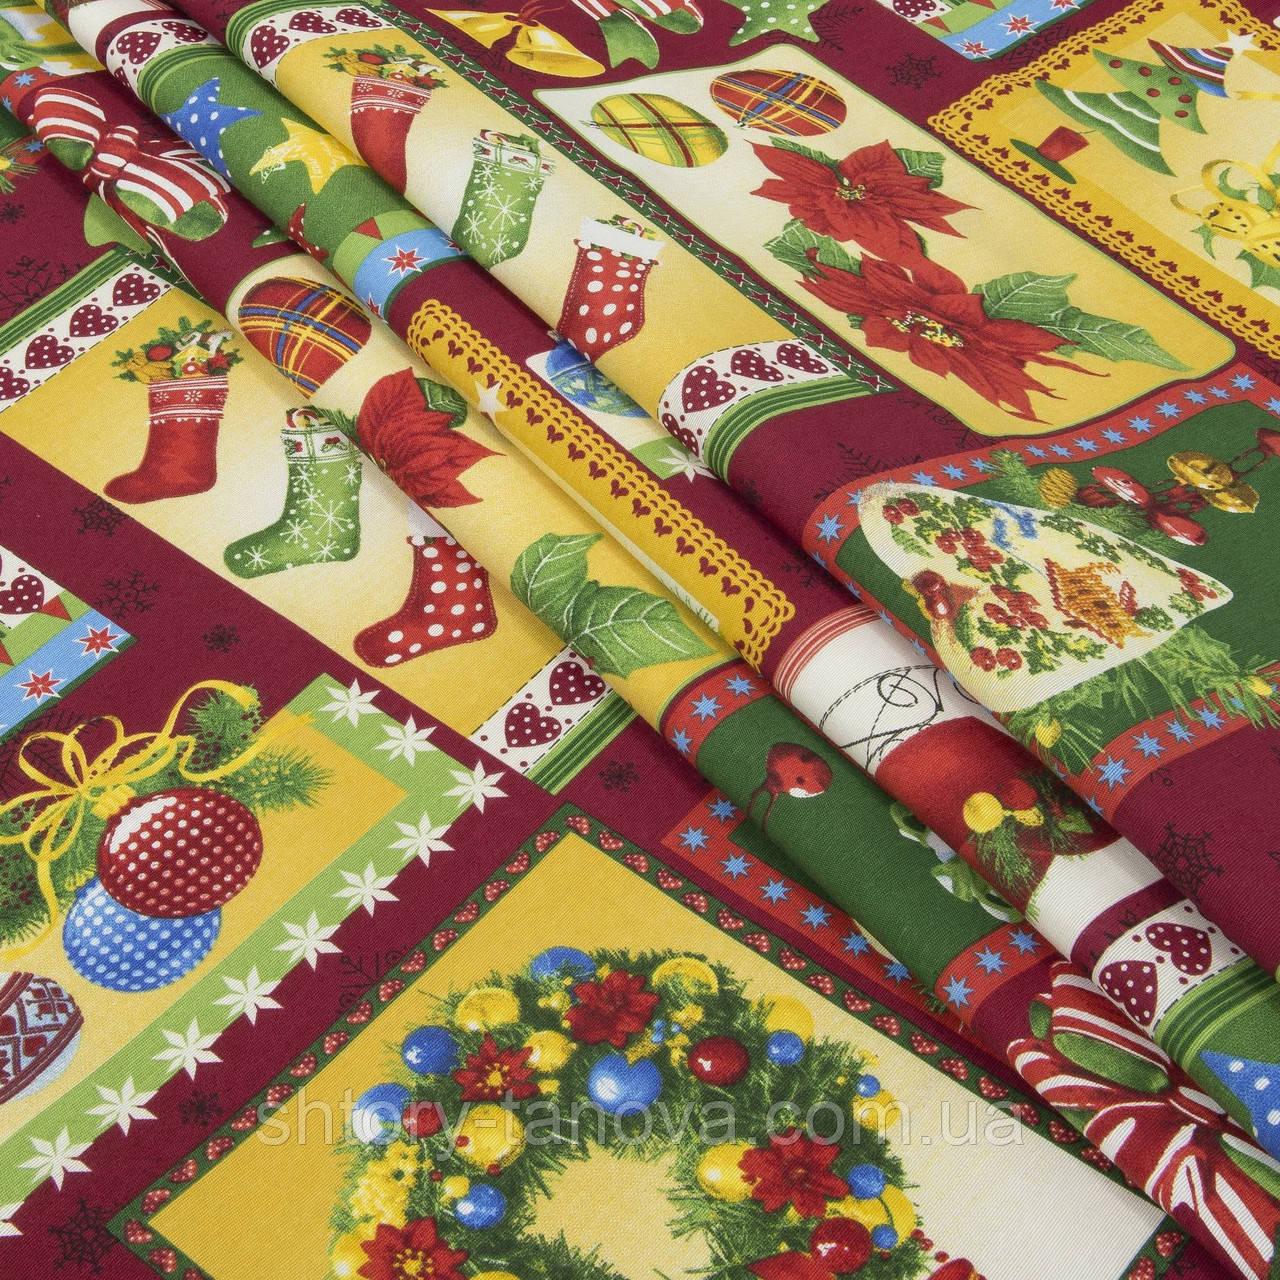 Декоративная ткань, хлопок 70%, полиэстер 30%, с новогодним принтом, зелёно-красный